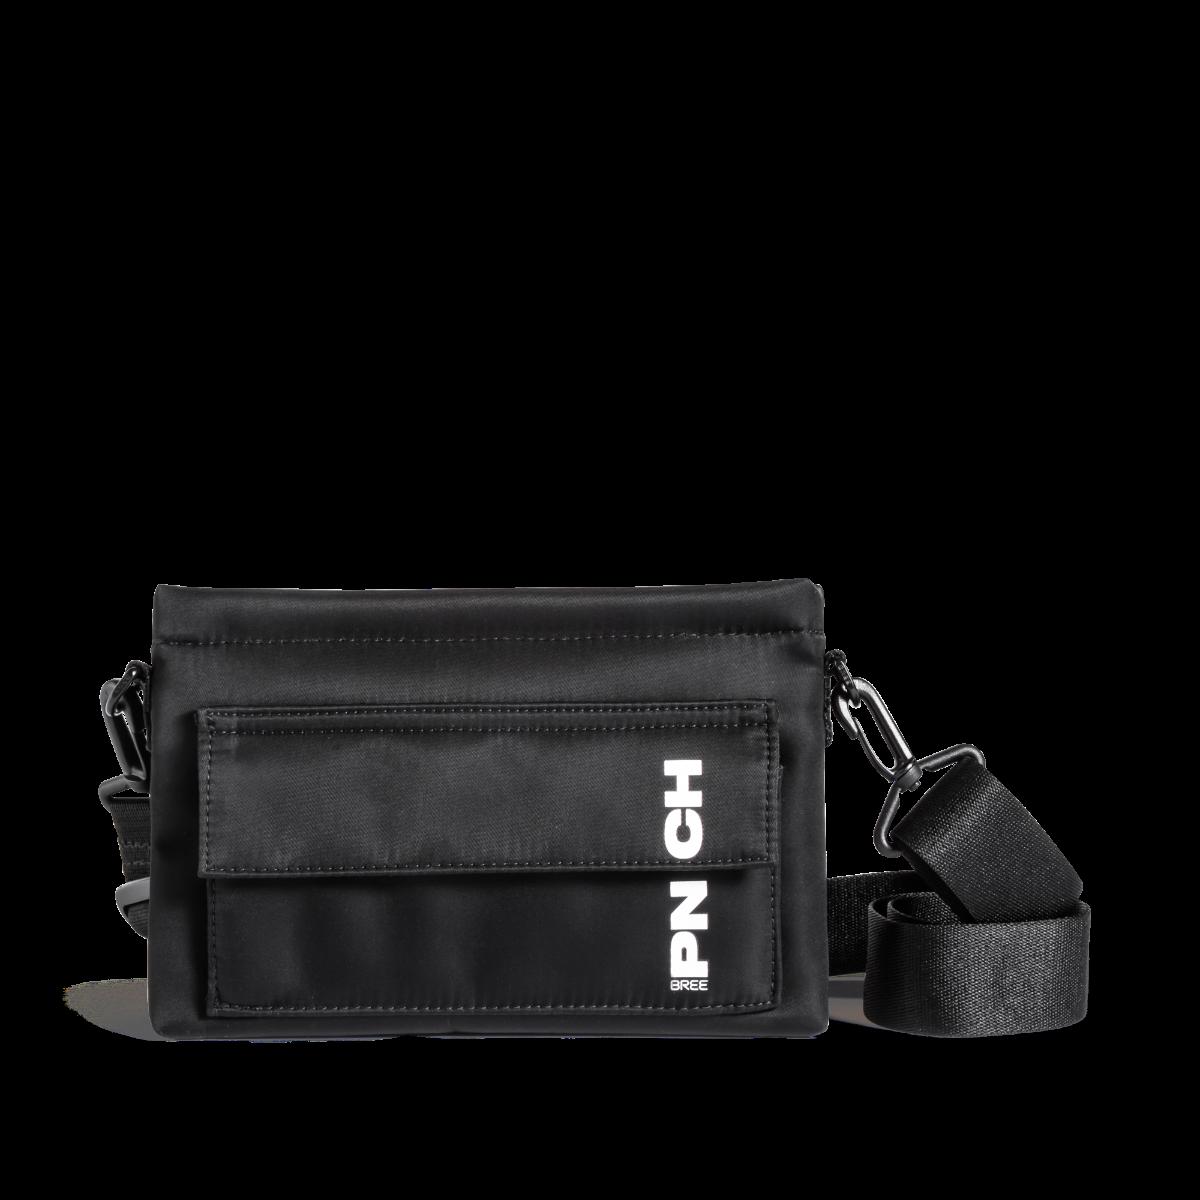 PNCH Neo 5 - Black - Cross Shoulder Back S